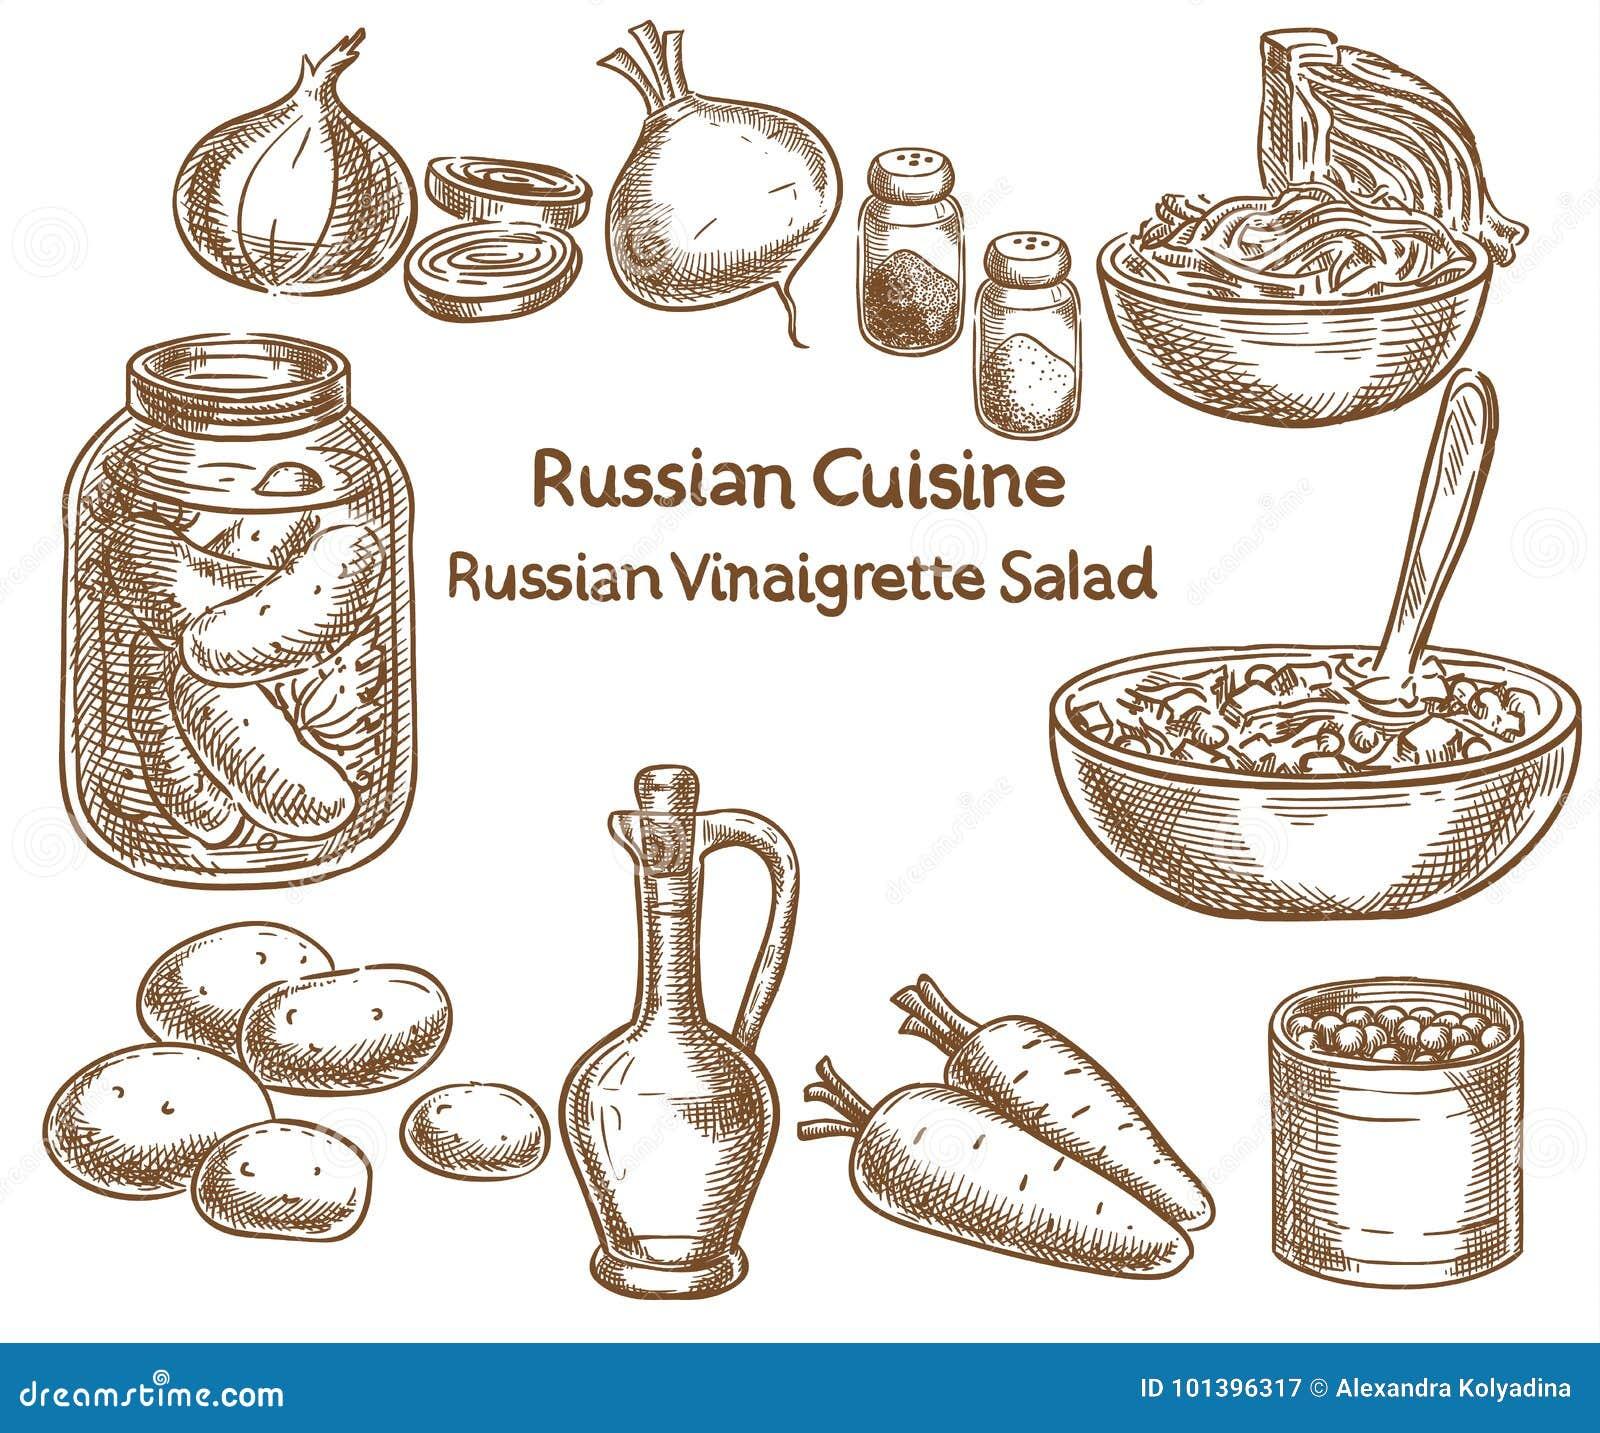 Rysk kokkonst, ryssättiksåssallad, ingredienser, vektor